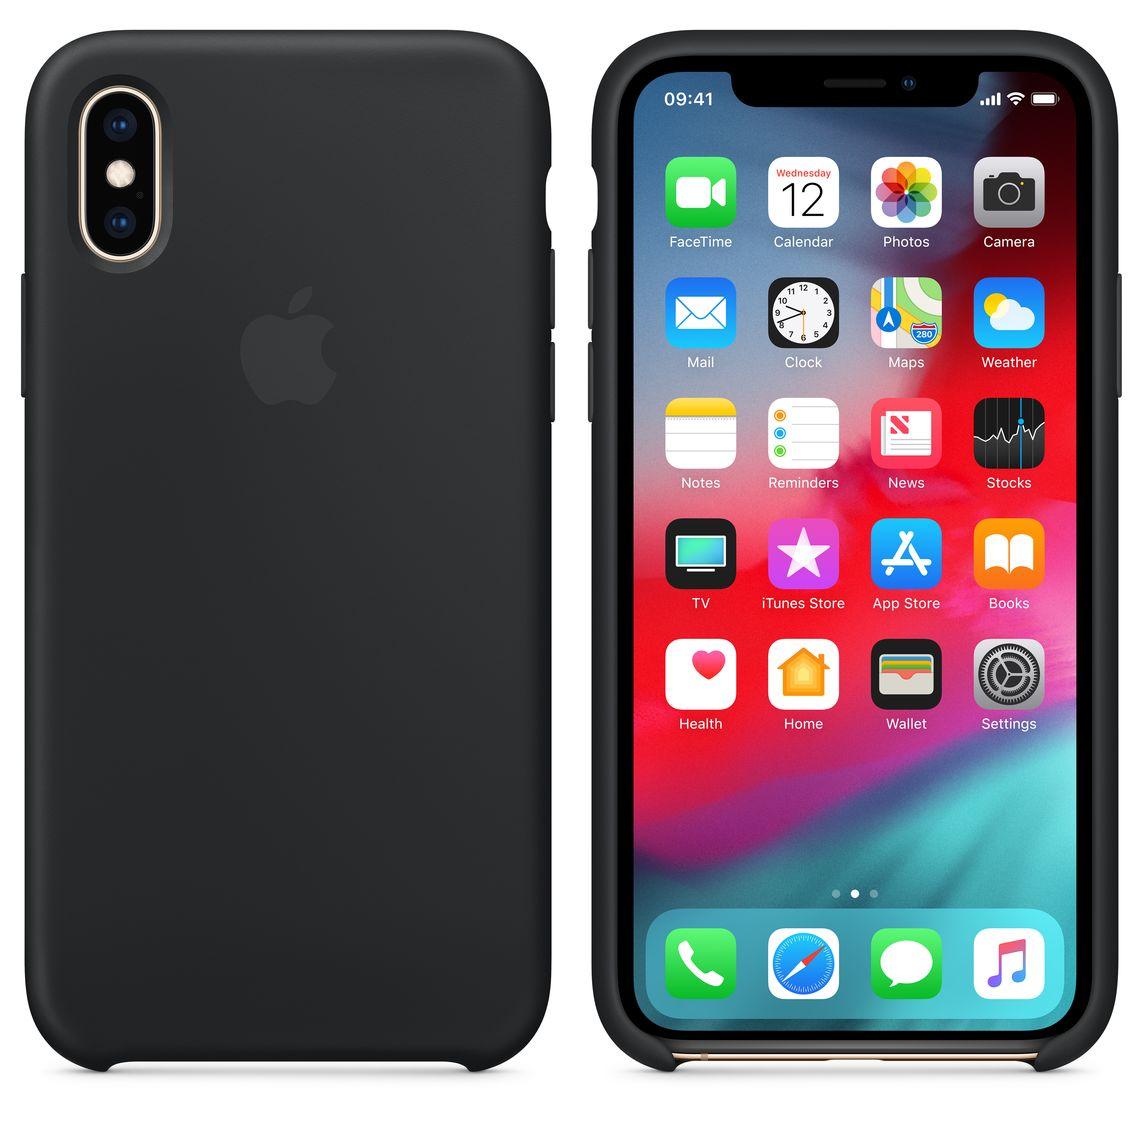 lowest price 86e17 e77ec iPhone XS Silicone Case - Black